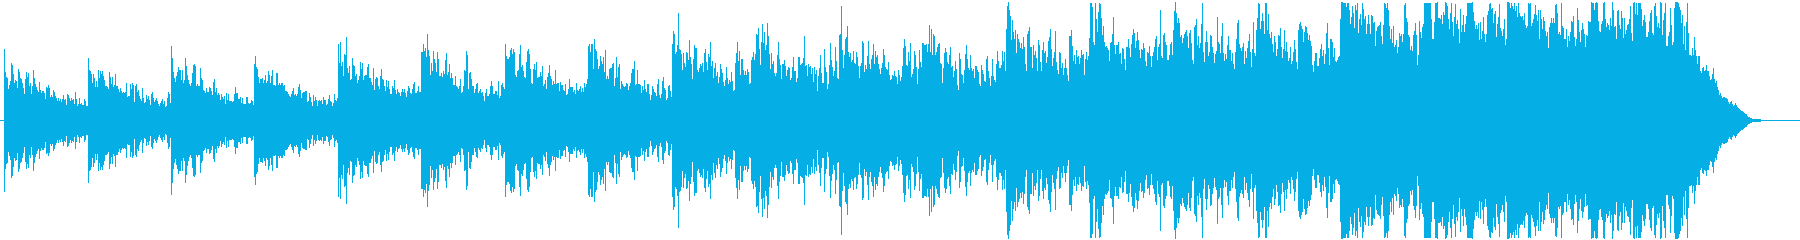 緊迫感のあるシネマティック曲 2-4の再生済みの波形